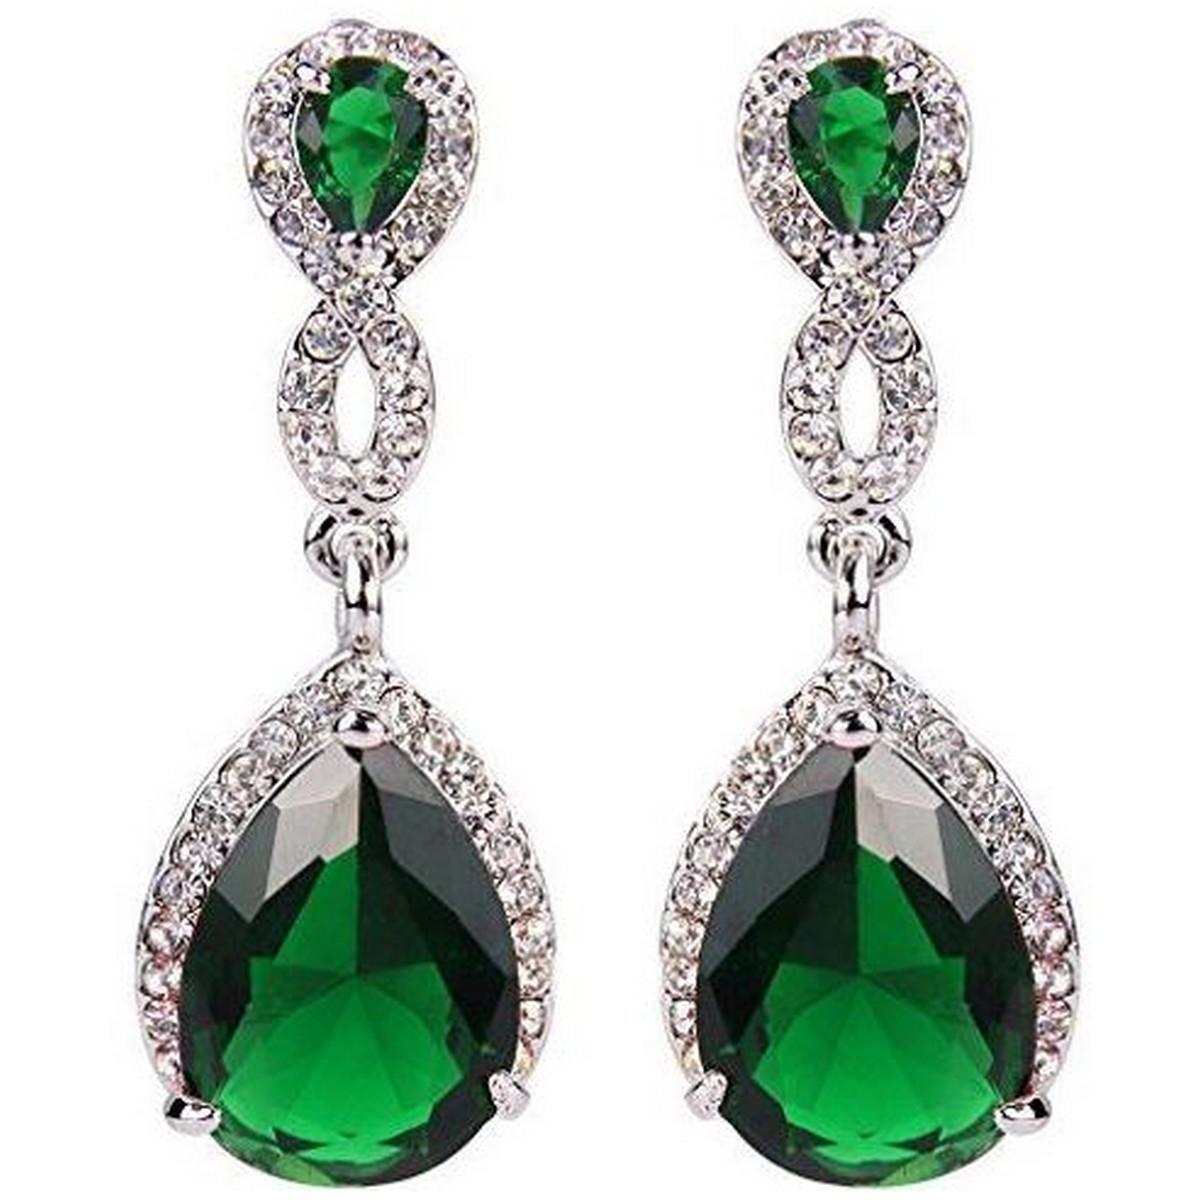 ... Parure Bijoux Mariage Ton Argent Zirconium Vert Emeraude par Un Jour  Spécial ... - 31f15d398b97